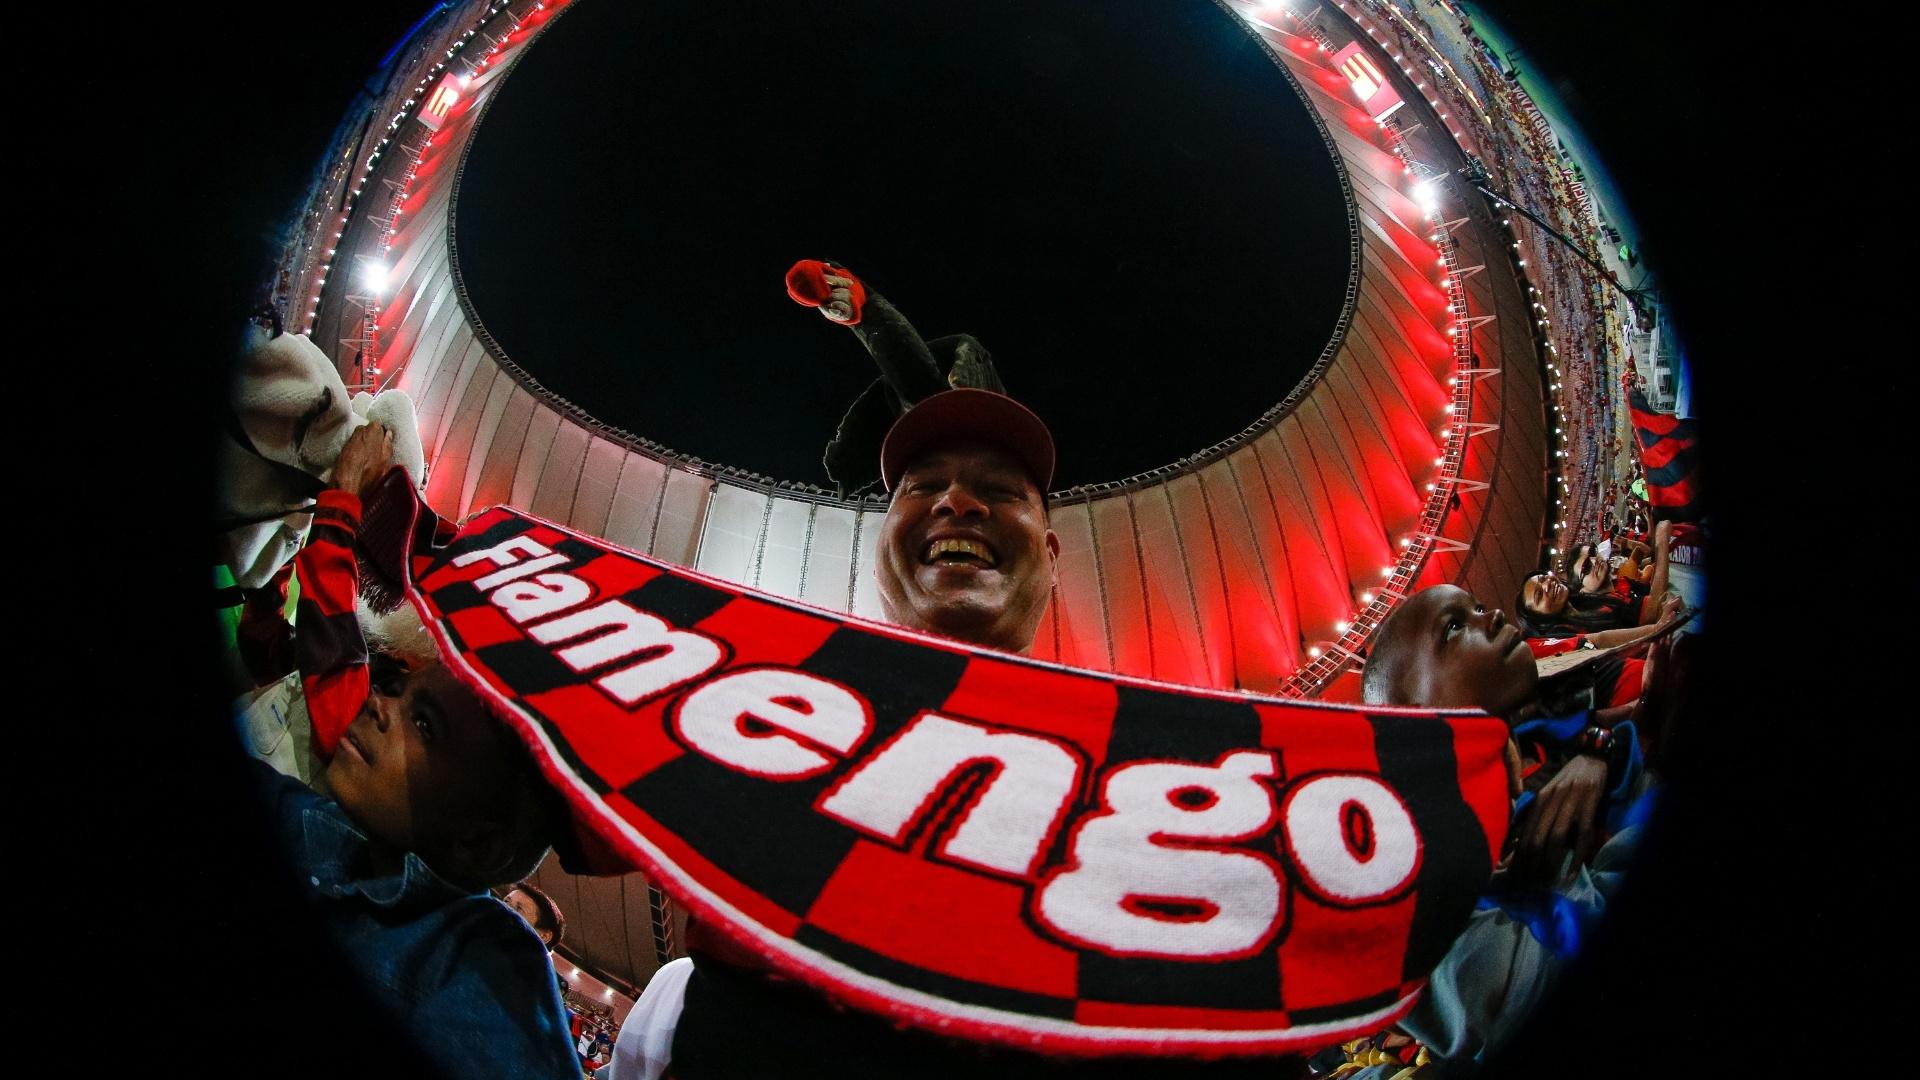 Torcedor do Flamengo em Flamengo x Cruzeiro, pela Copa do Brasil